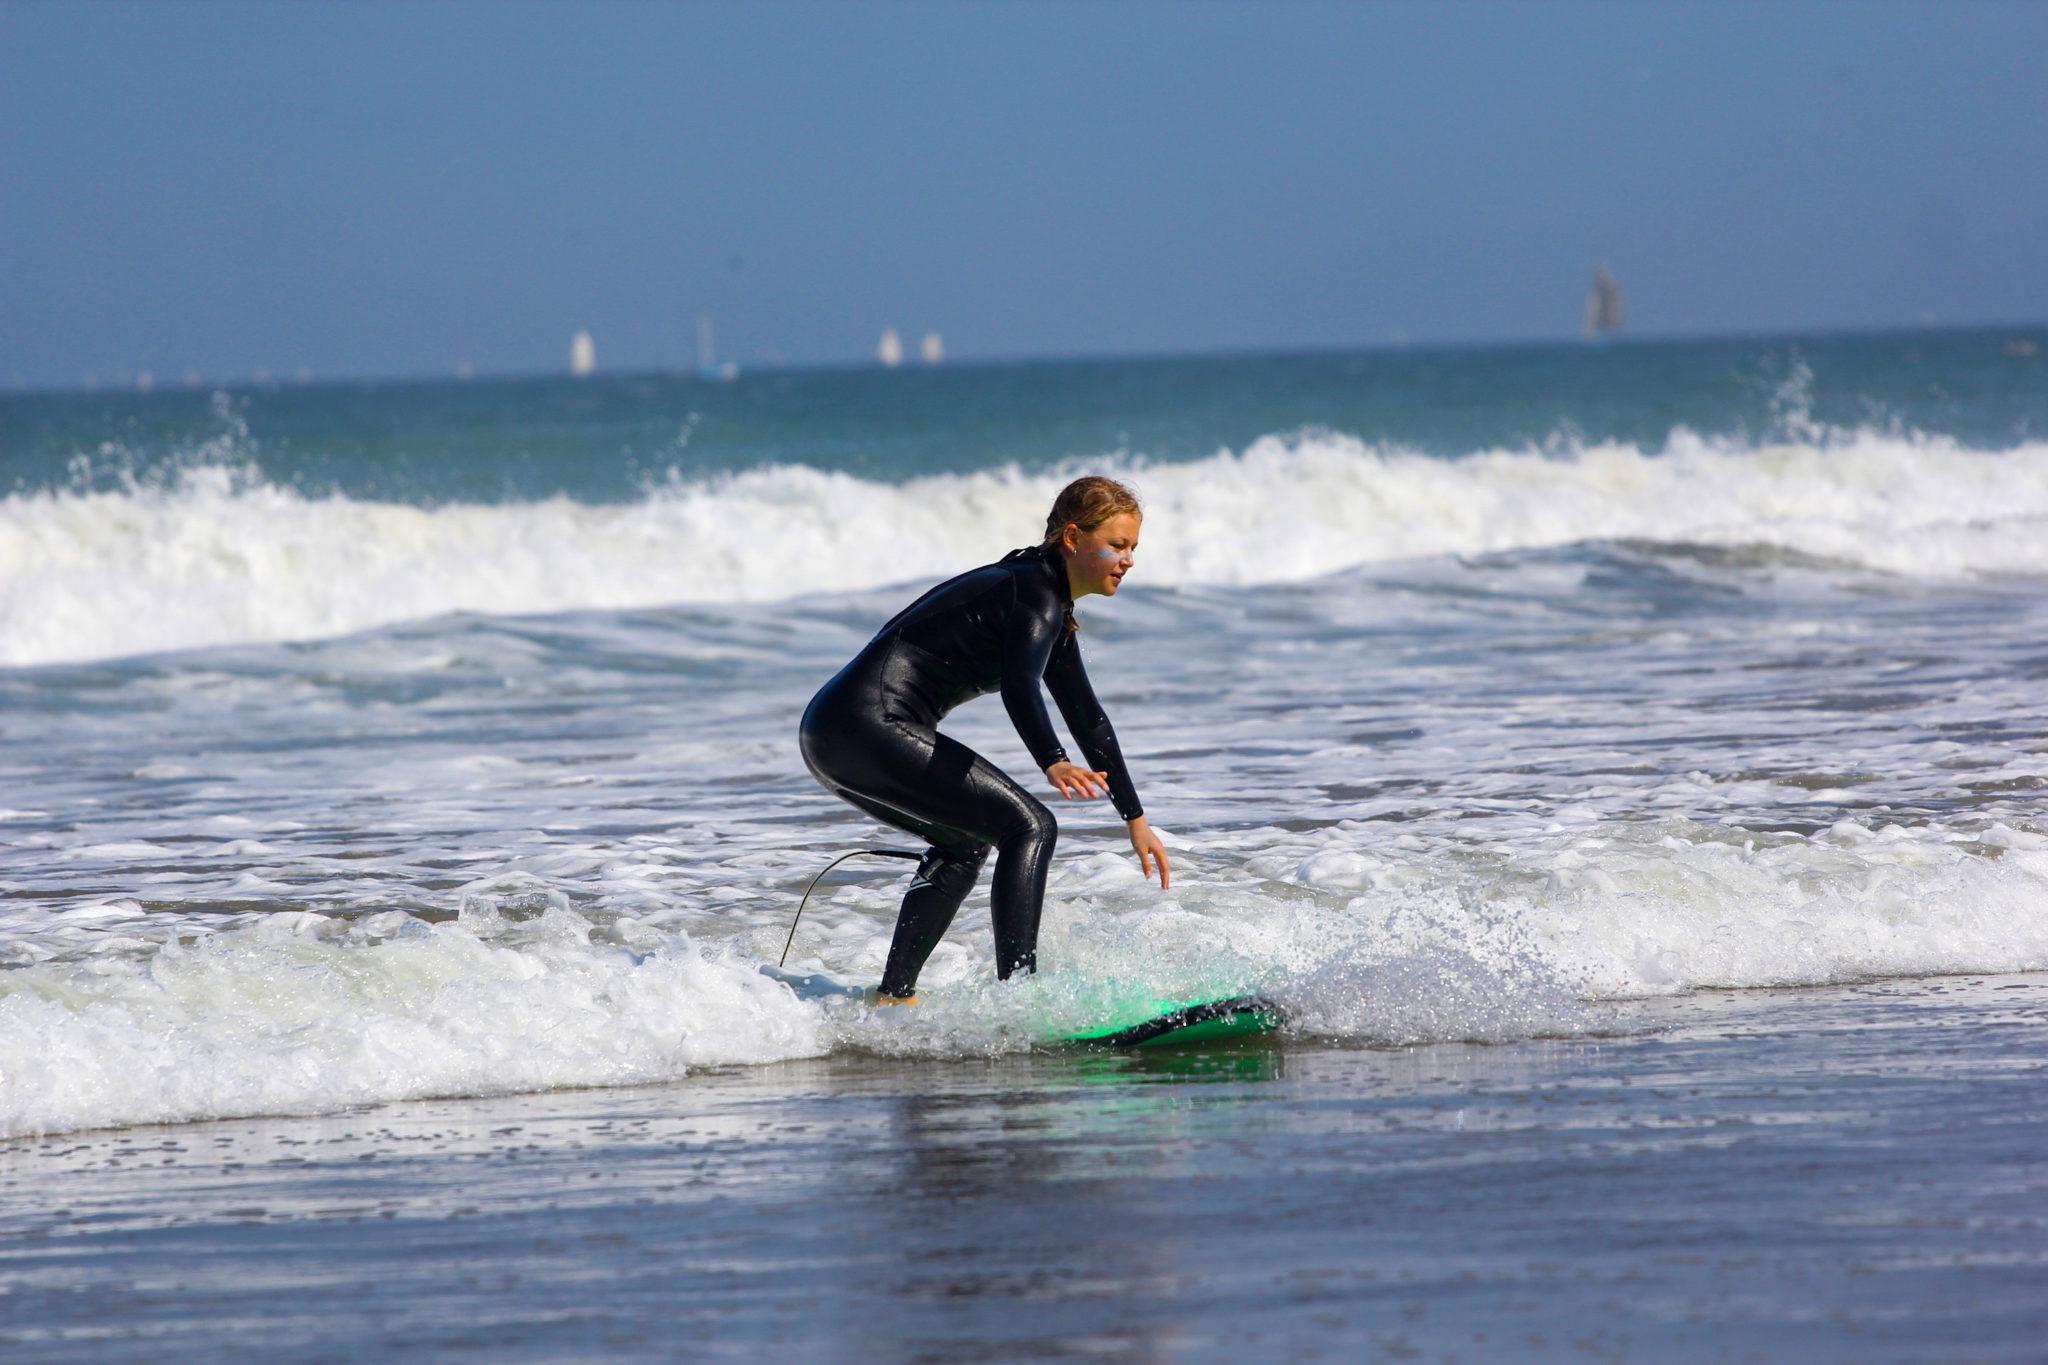 Peruvian North Shore surfing holiday: Beginner surf camp in Peru